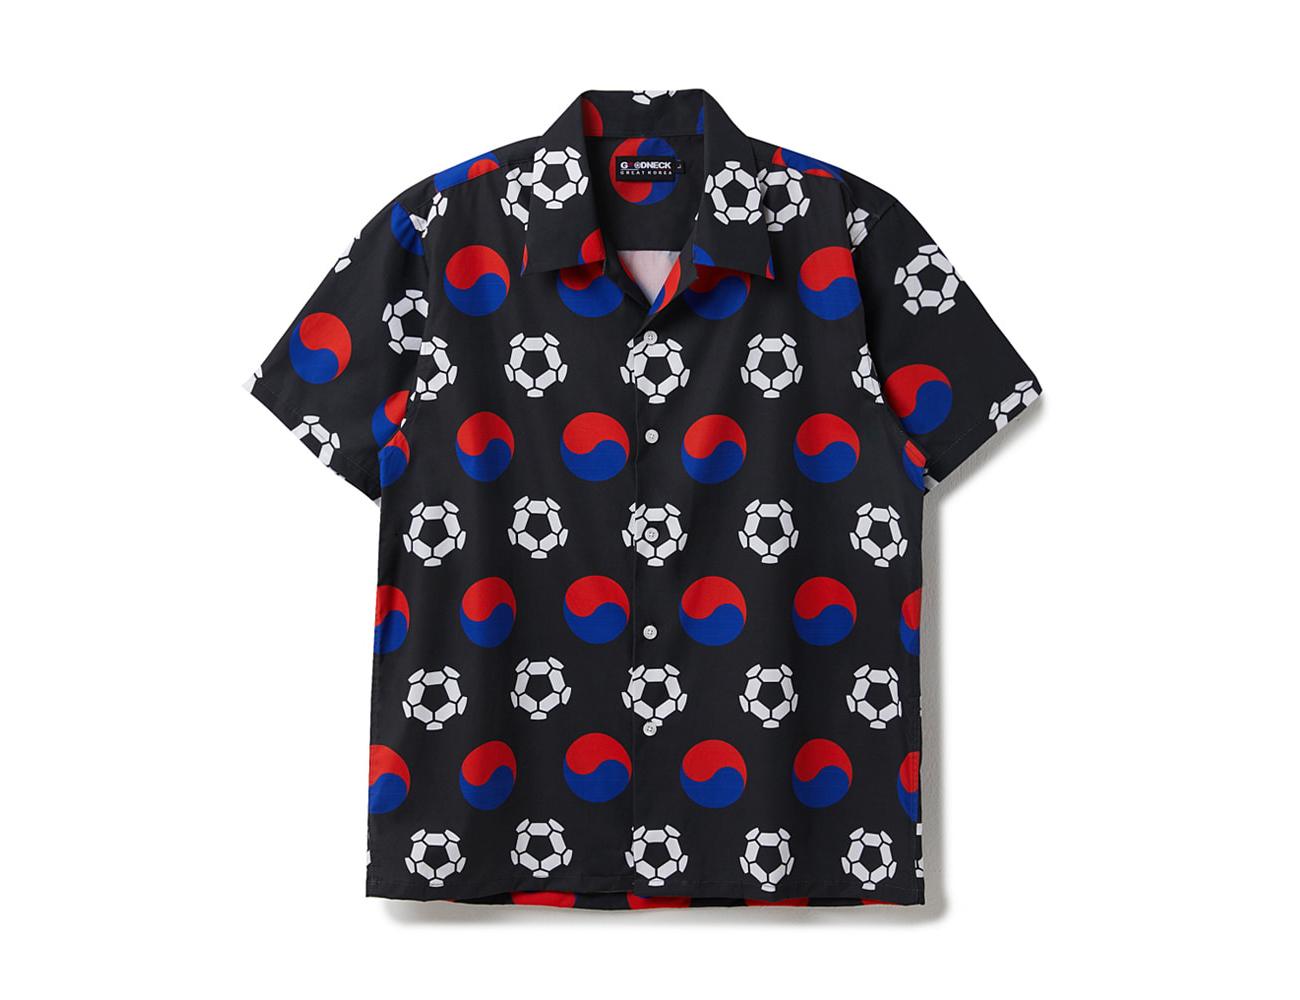 goodtimesbadtimes-korea-shirt-black